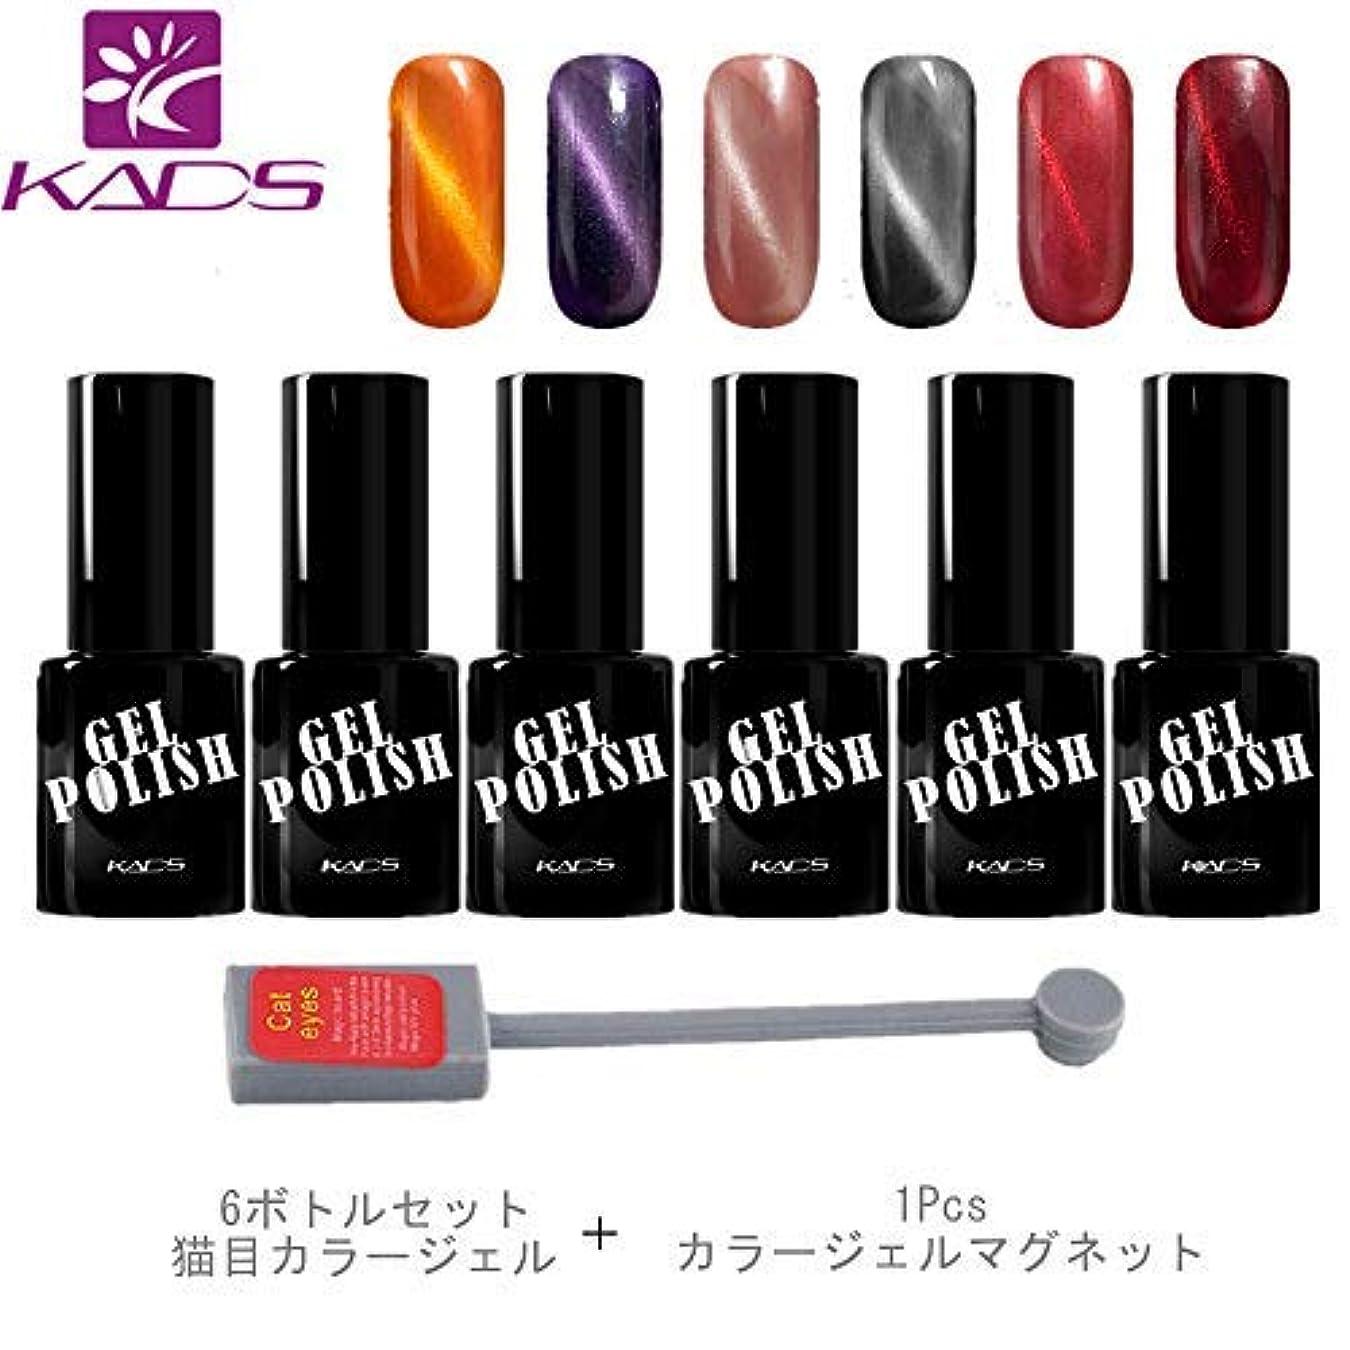 どきどきブラスト下品KADS キャッツアイジェル ジェルネイルカラーポリッシュ 6色セット 猫目 UV/LED対応 マグネット 磁石付き マニキュアセット (セット6)